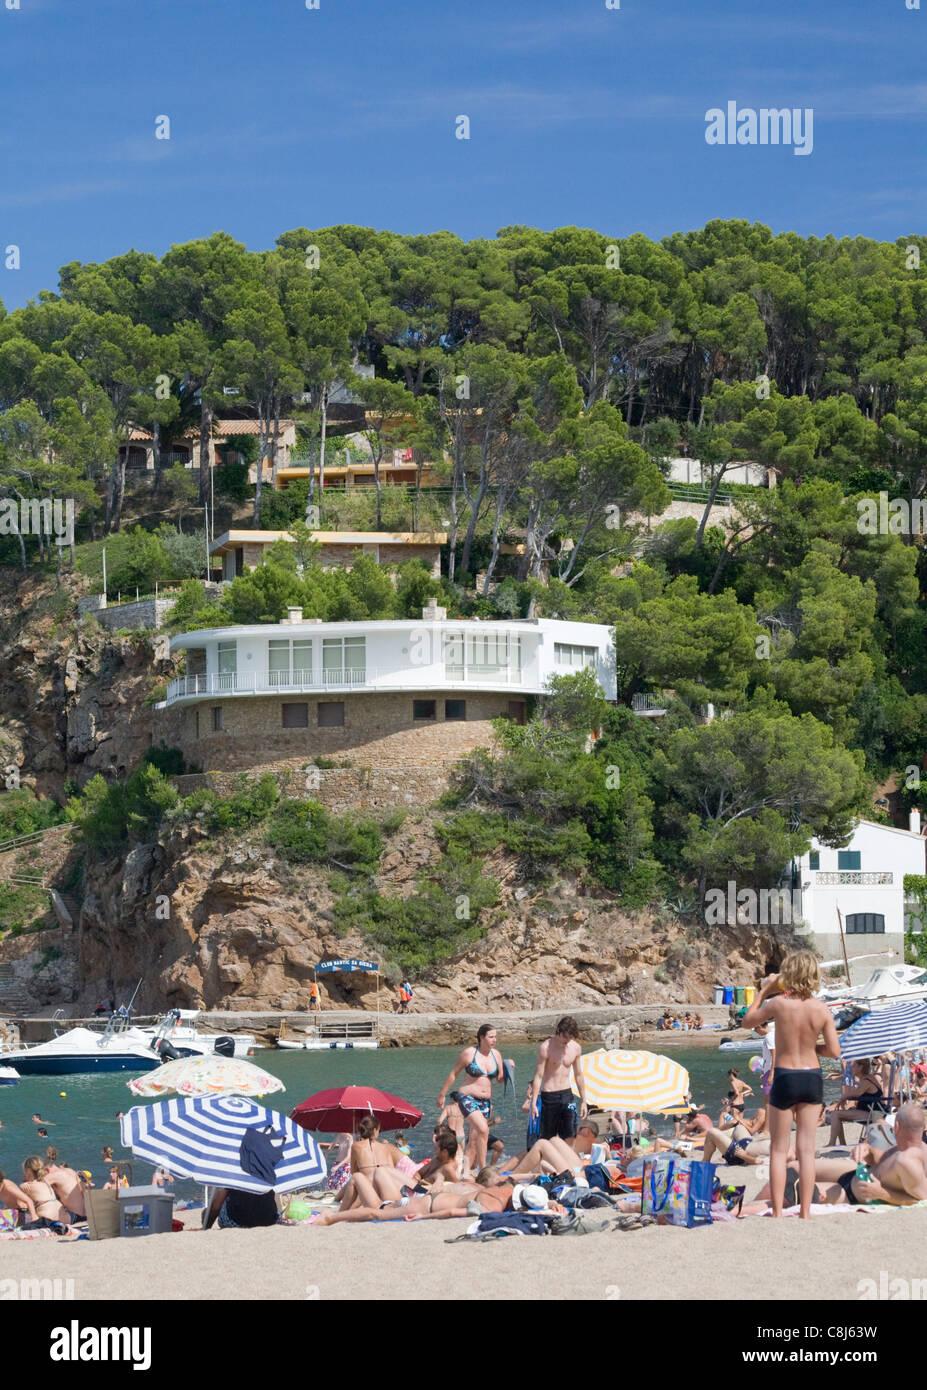 Luxury villa above Sa Riera beach, Costa Brava, Catalonia, Spain - Stock Image